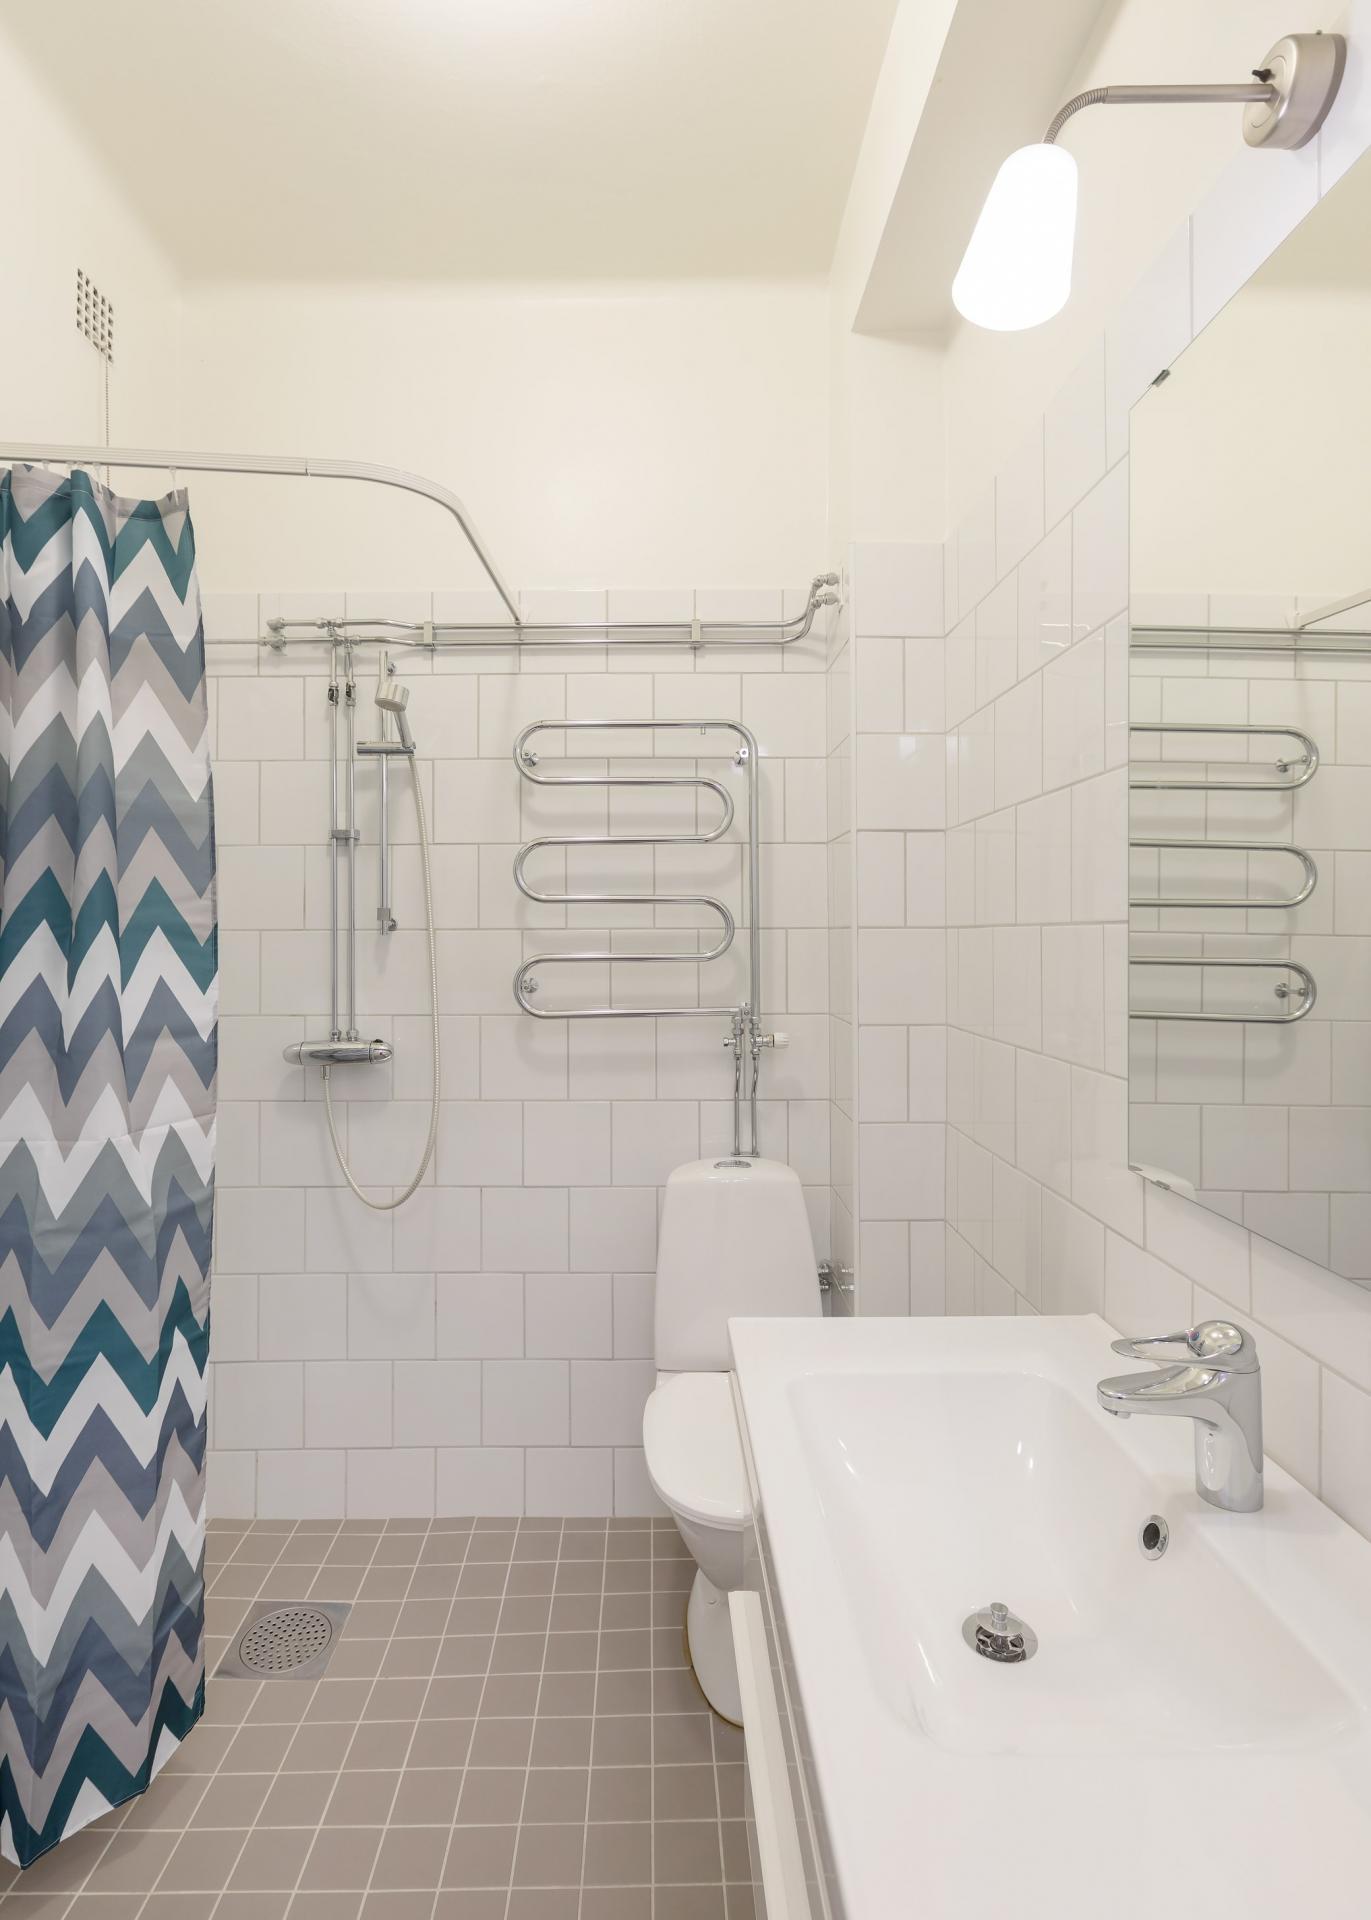 Bathroom at Pontonjärgatan Apartments, Marieberg, Stockholm - Citybase Apartments